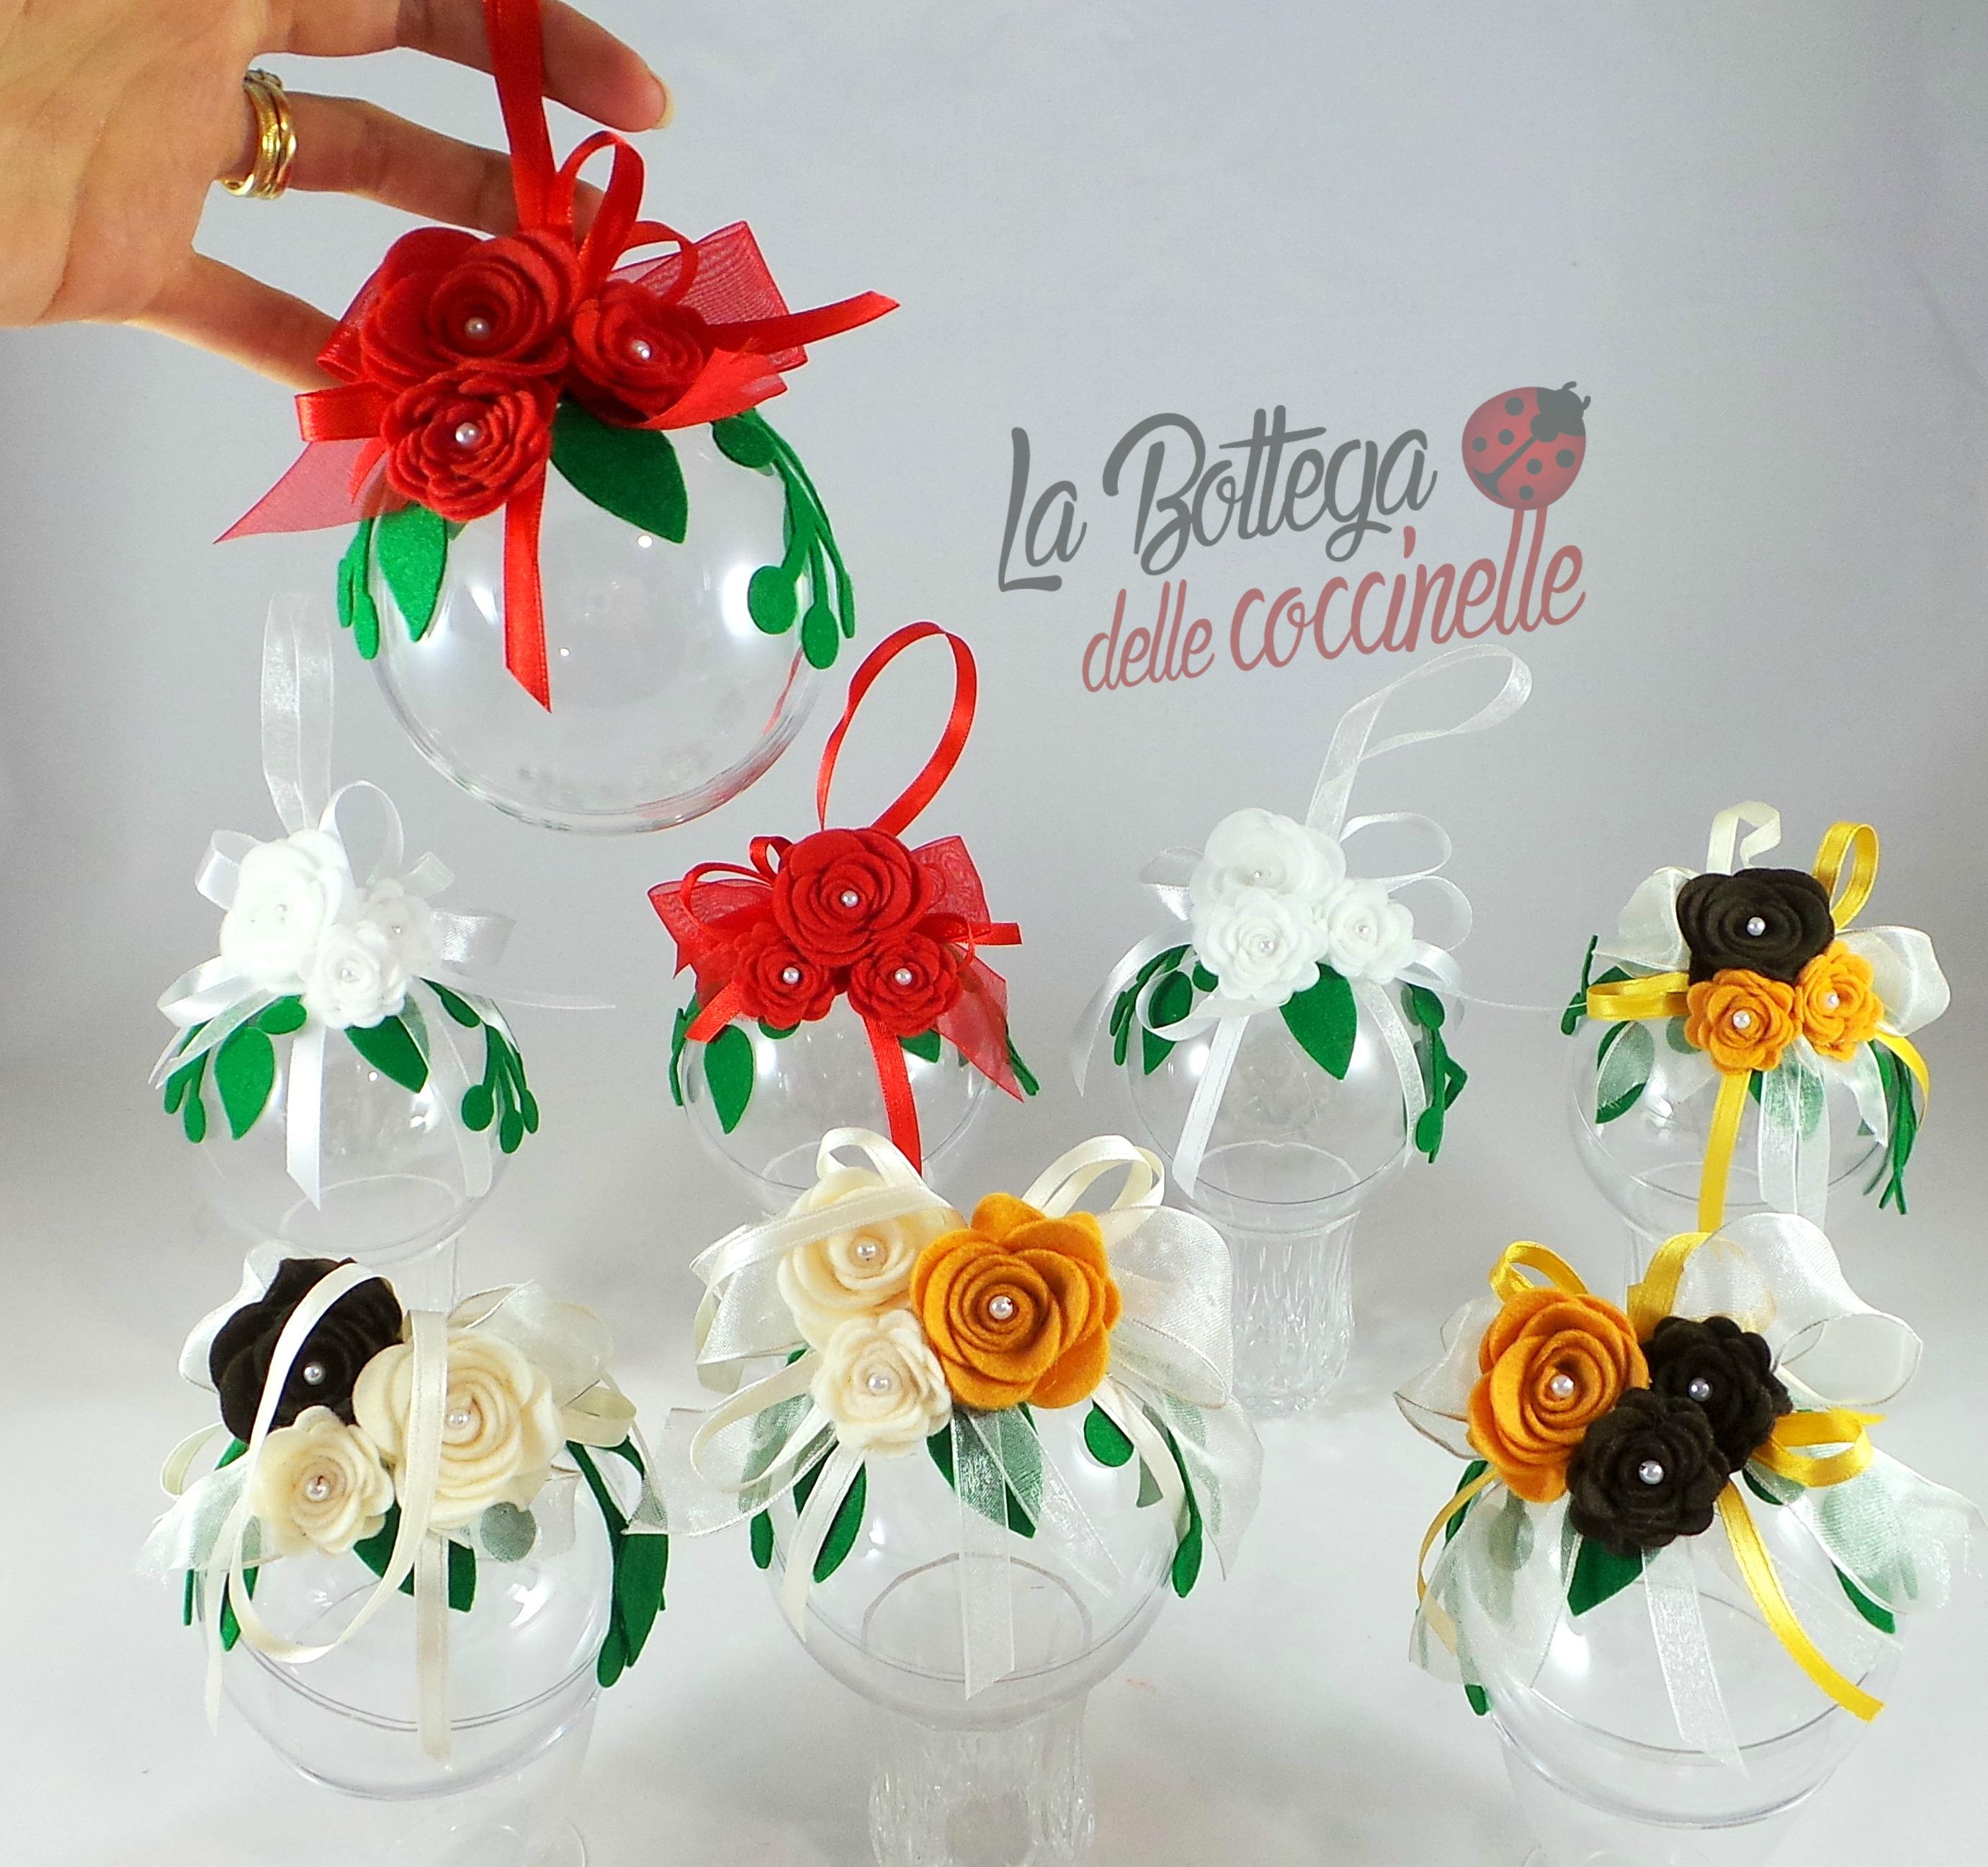 Articoli subito disponibili handmade idee regalo - Decorazioni natalizie fatte a mano per bambini ...